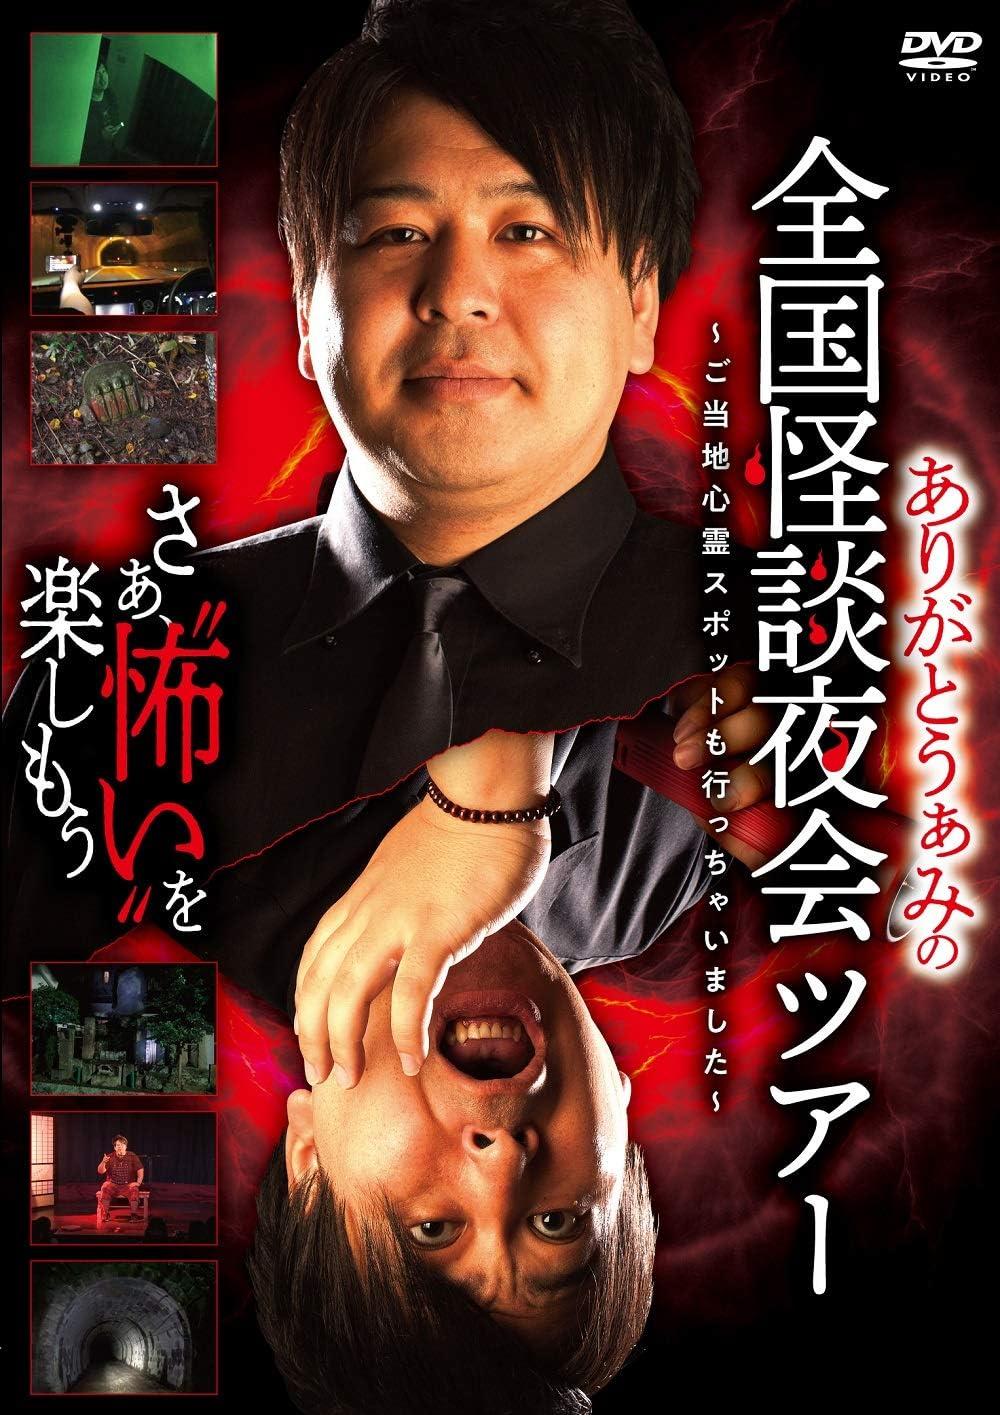 Amazon.co.jp: ありがとうぁみの全国怪談夜会ツアー~ご当地心霊スポットも行っちゃいました~ [DVD]: ありがとうぁみ: DVD